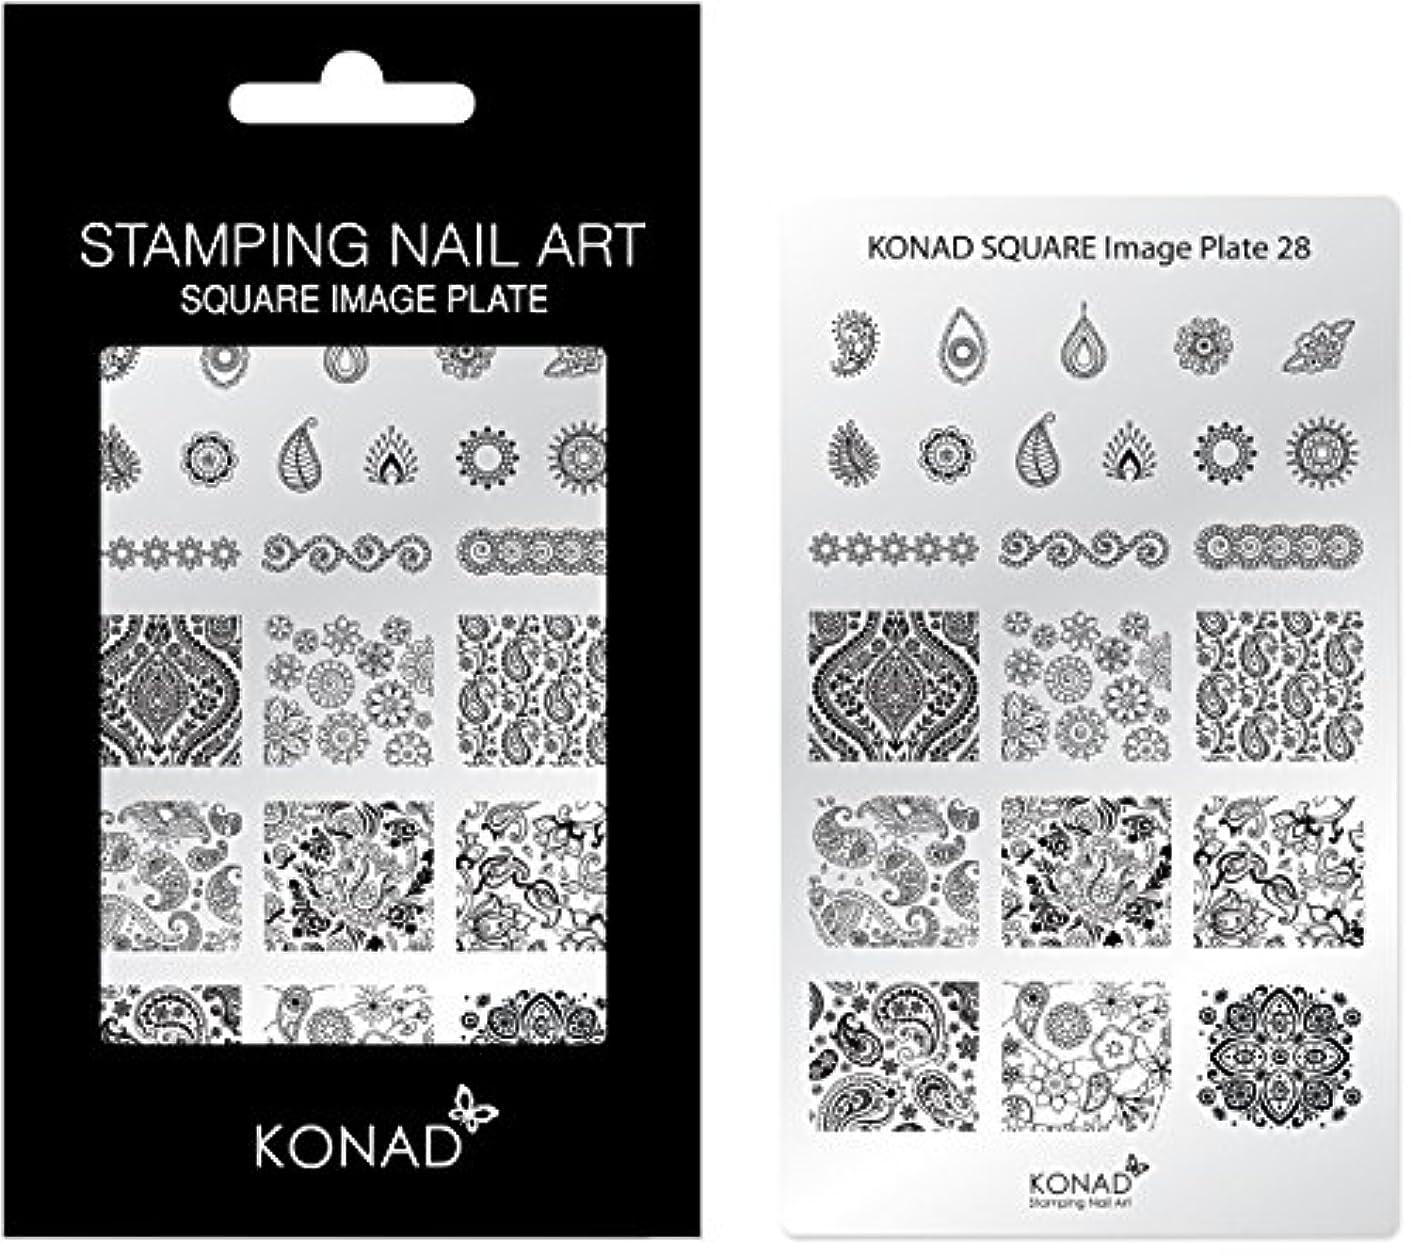 悪のリサイクルする靄KONAD コナド スタンピングネイルアート専用 スクエアイメージプレート 28 ペイズリー